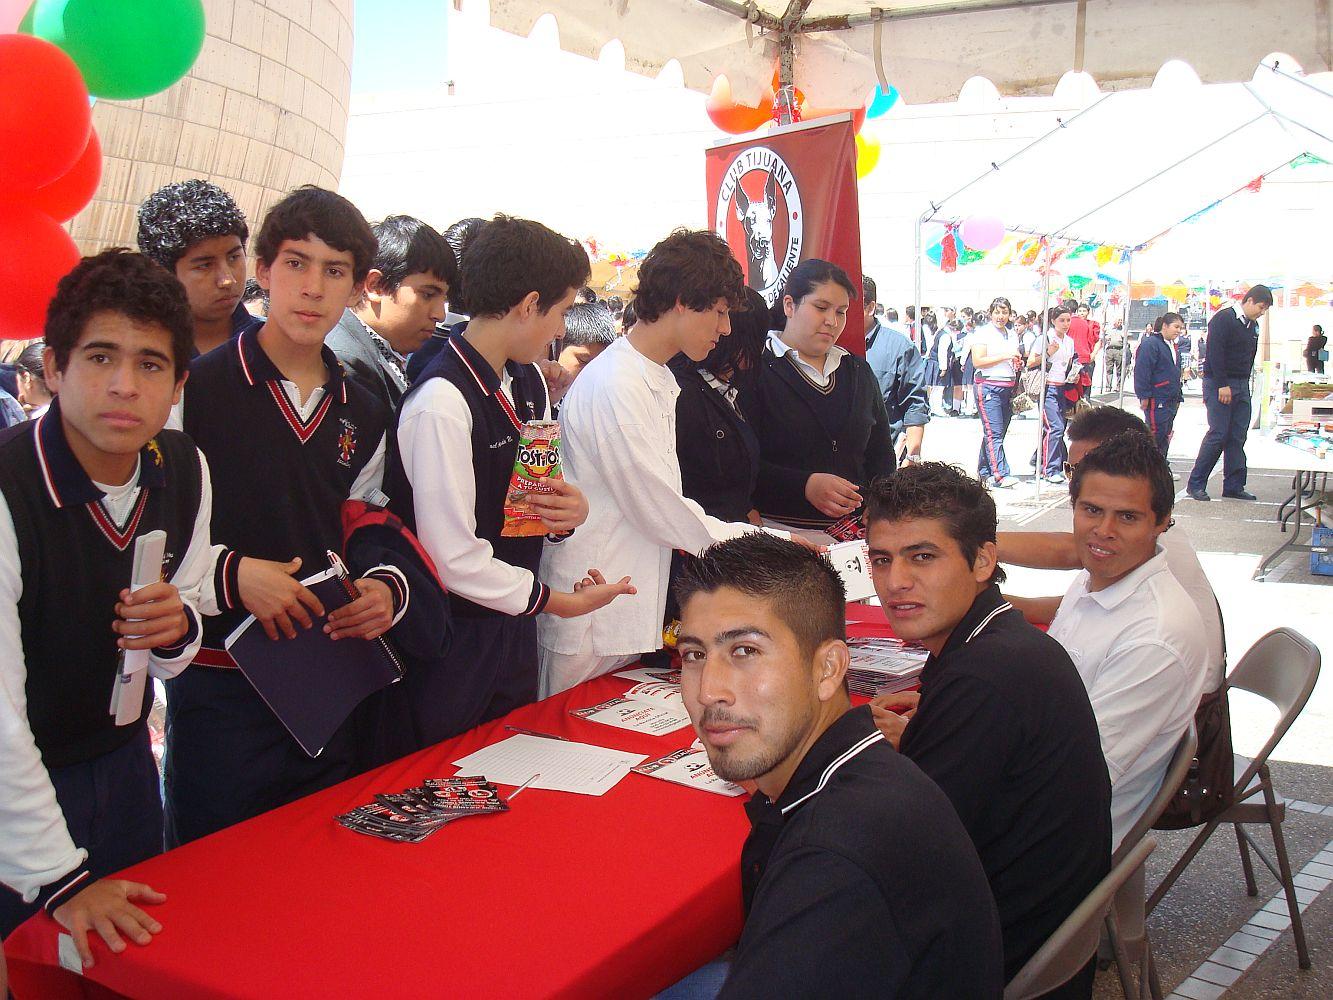 [Gran++=?iso-8859-1?Q?d=EDa_de_convivencia_de_Xoloitzcuintles_en_Tijuana4-722891.jpg?=+]